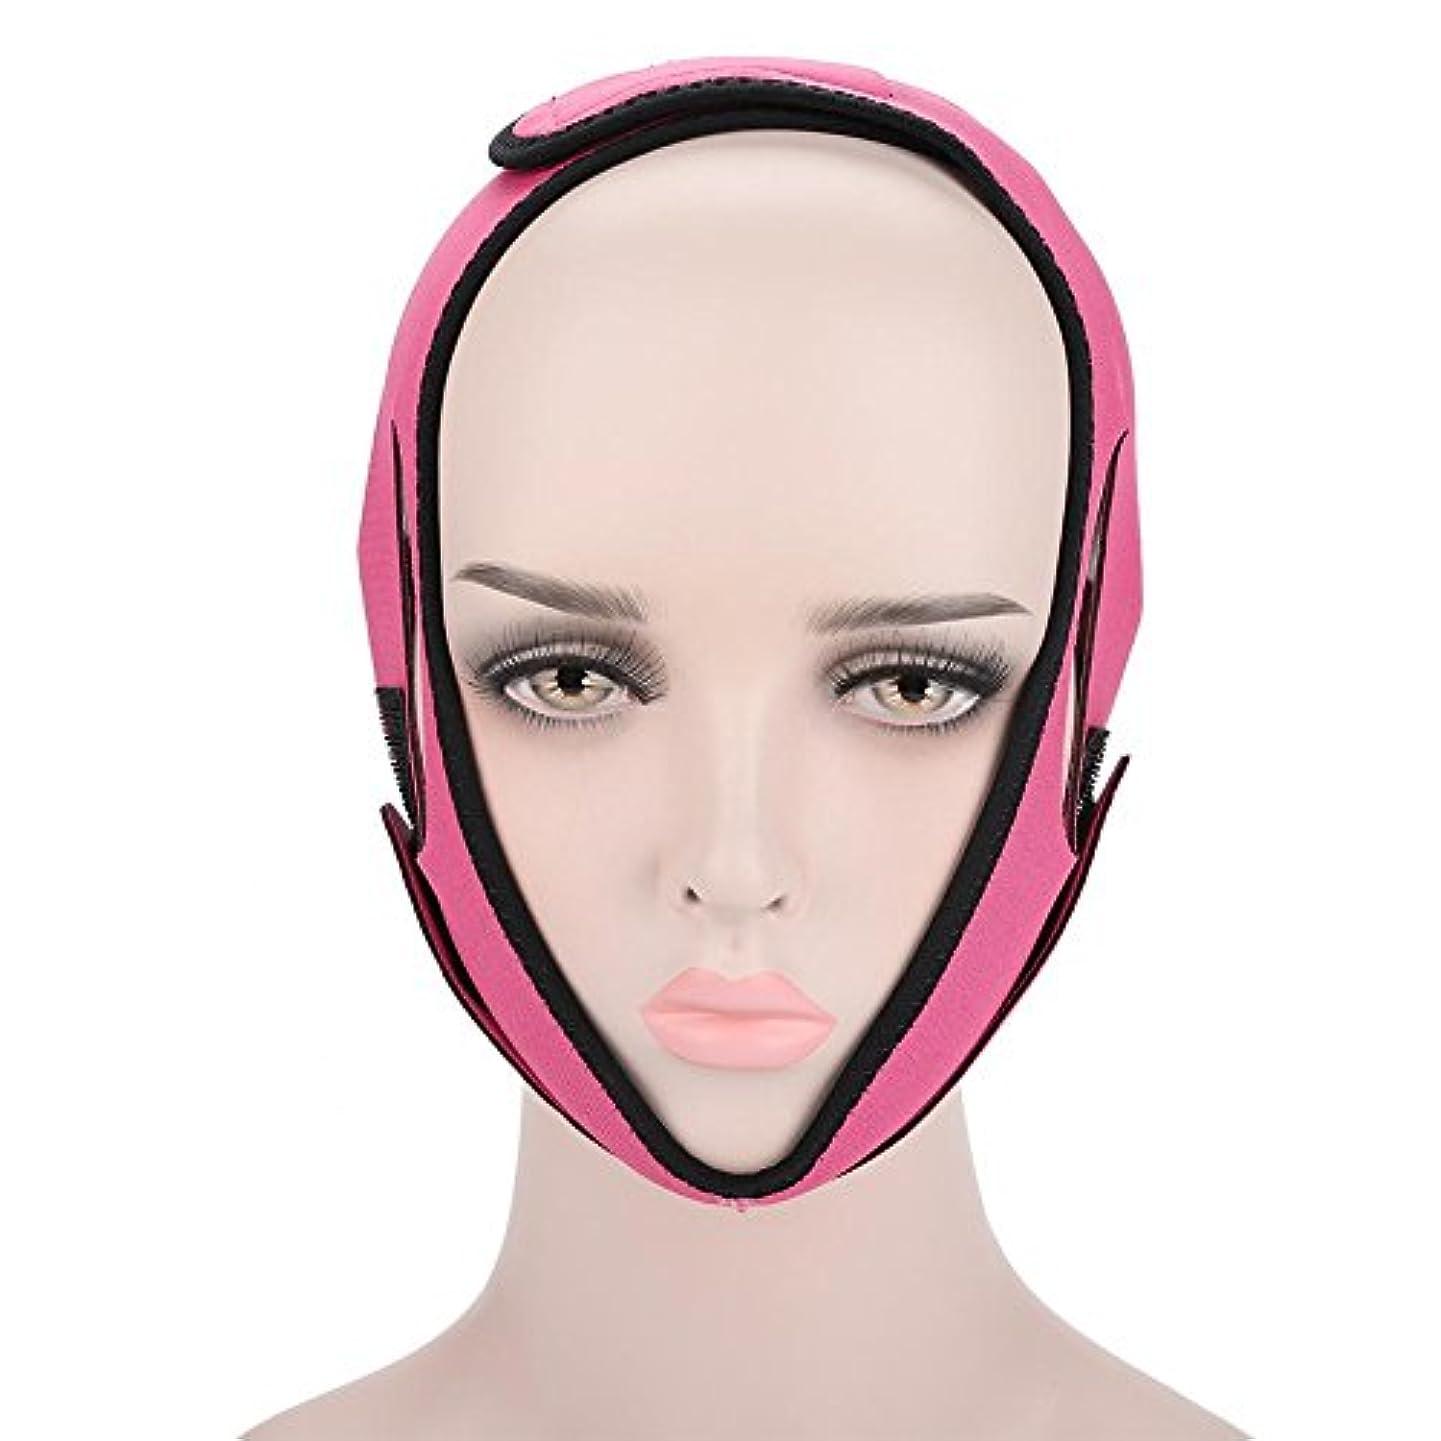 ご近所無限記録フェイススリミング包帯 顔の包帯フェイシャルスリミングマスクフェイシャルケアのためのフェイシャルベルト薄い首のフェイスリフトダブルチン女性のための(3#)